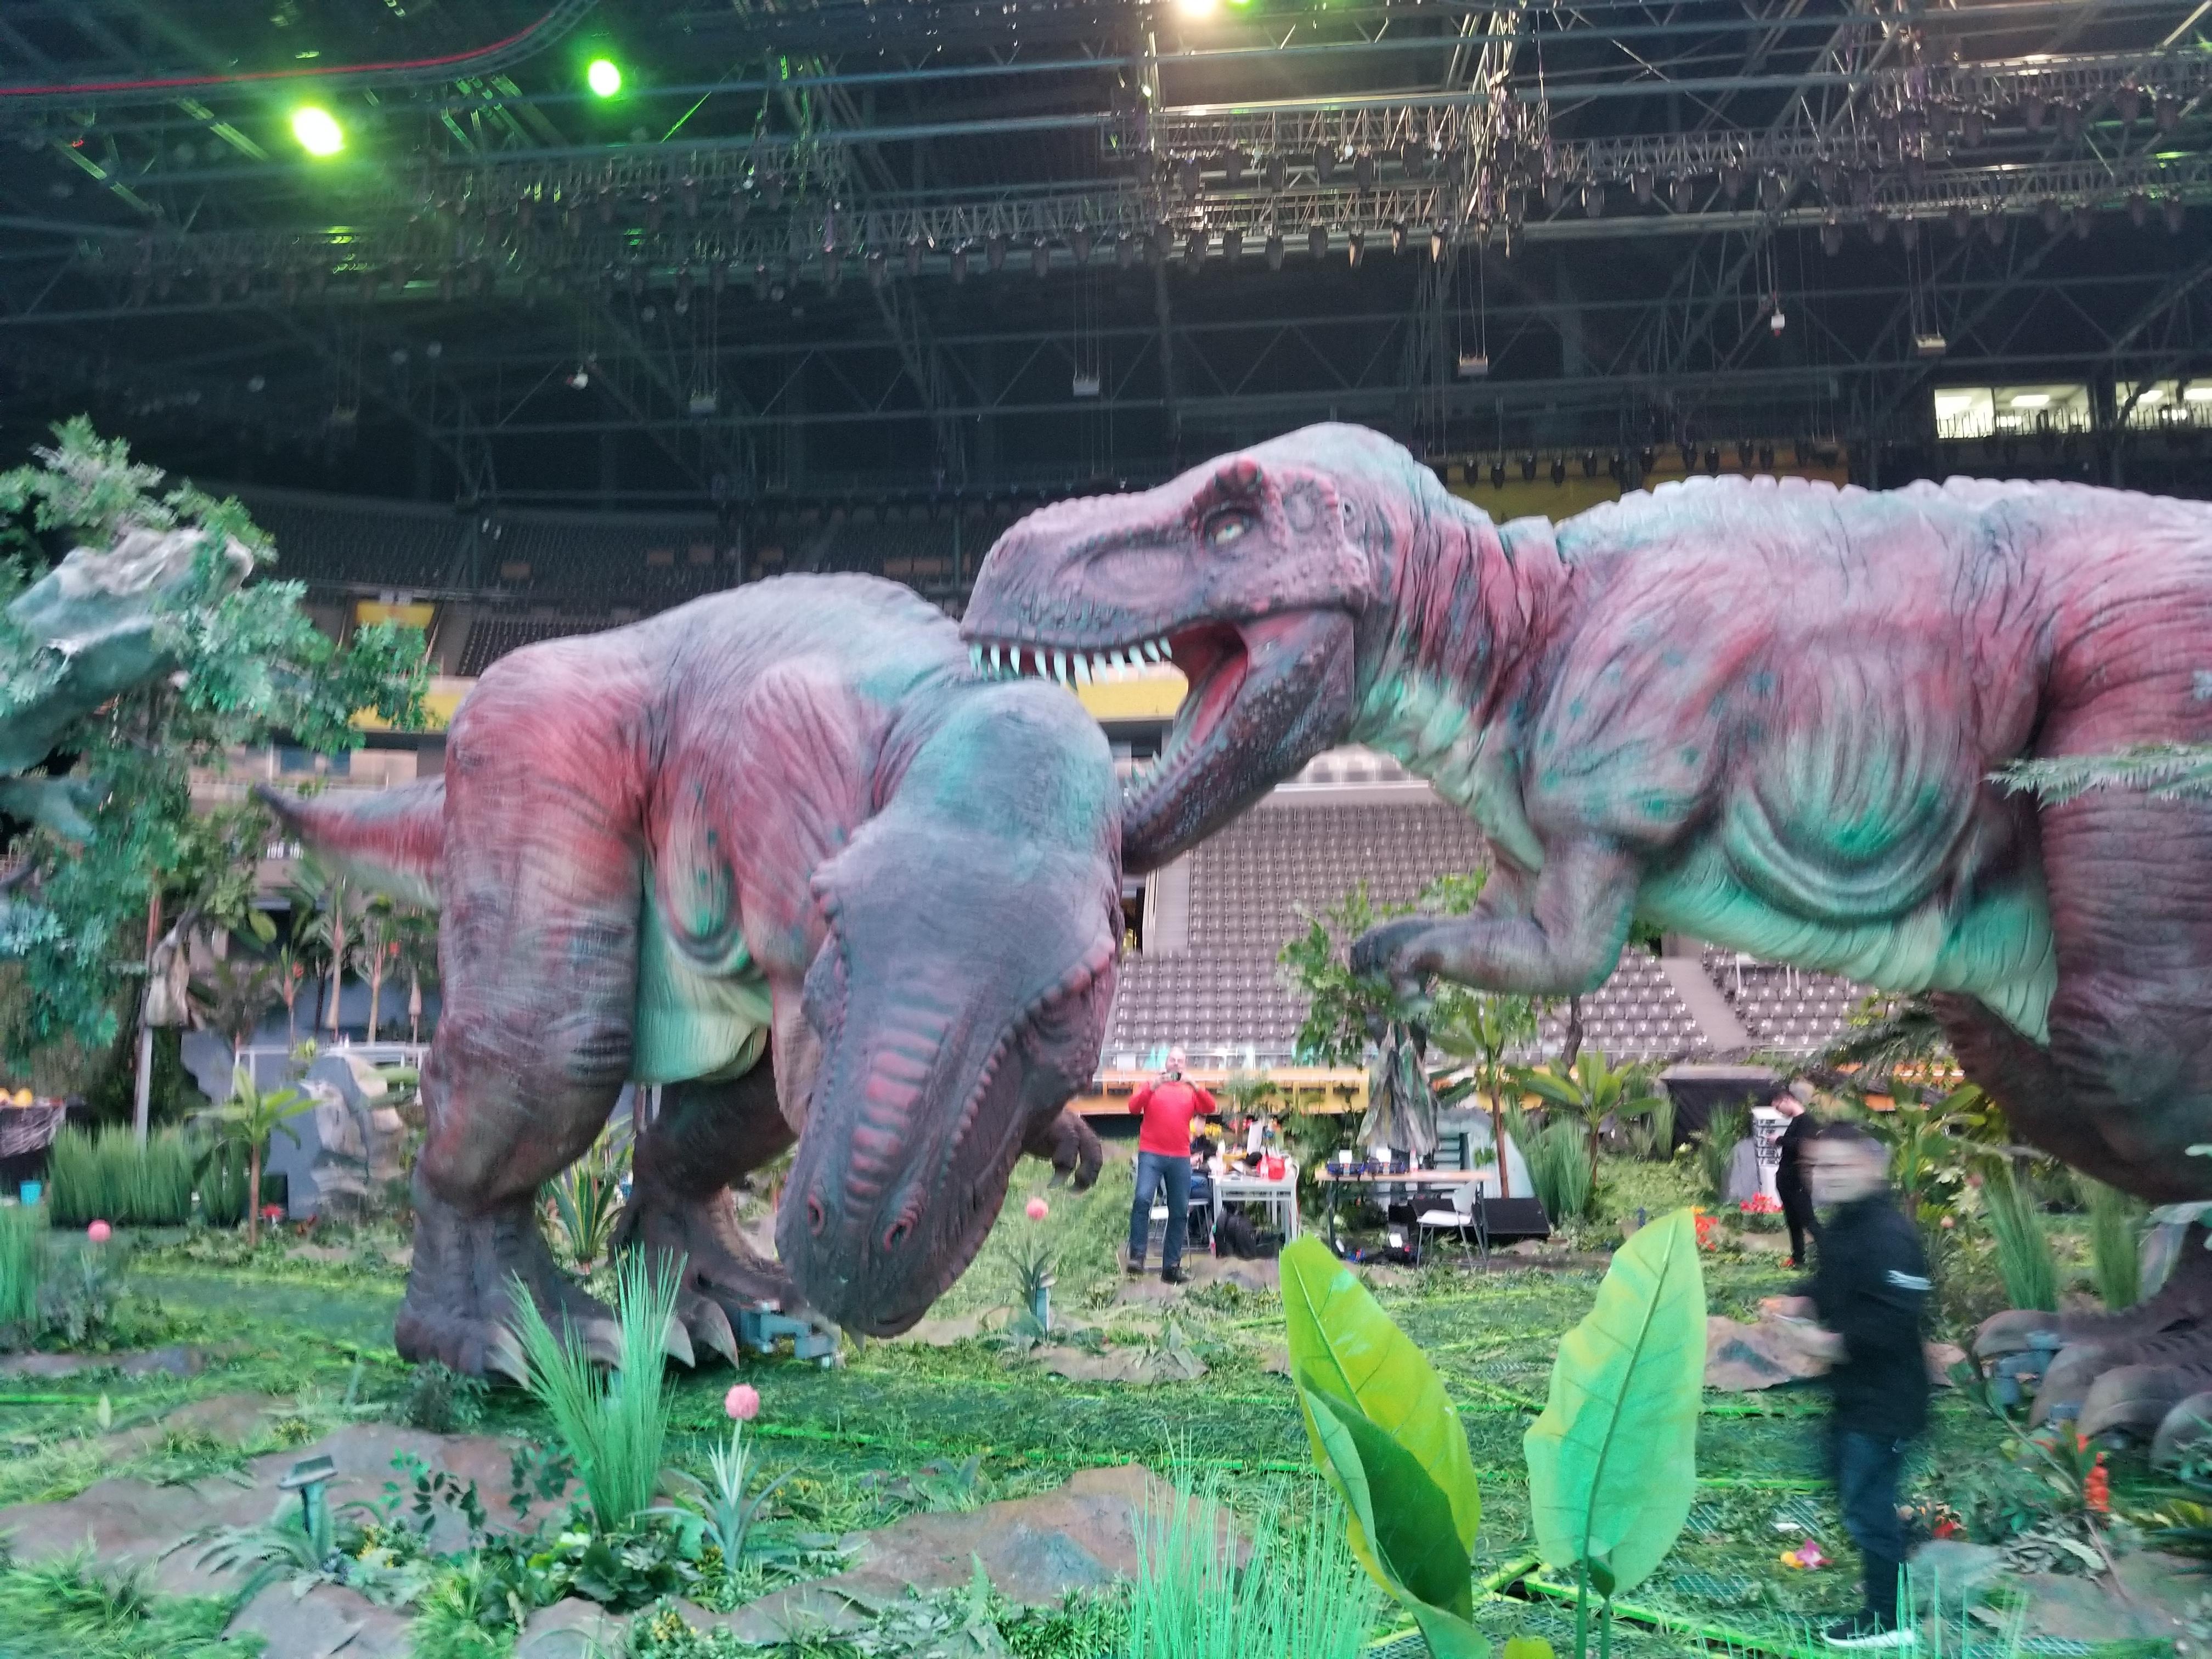 Πάρκο με δεινόσαυρους  ρομπότ